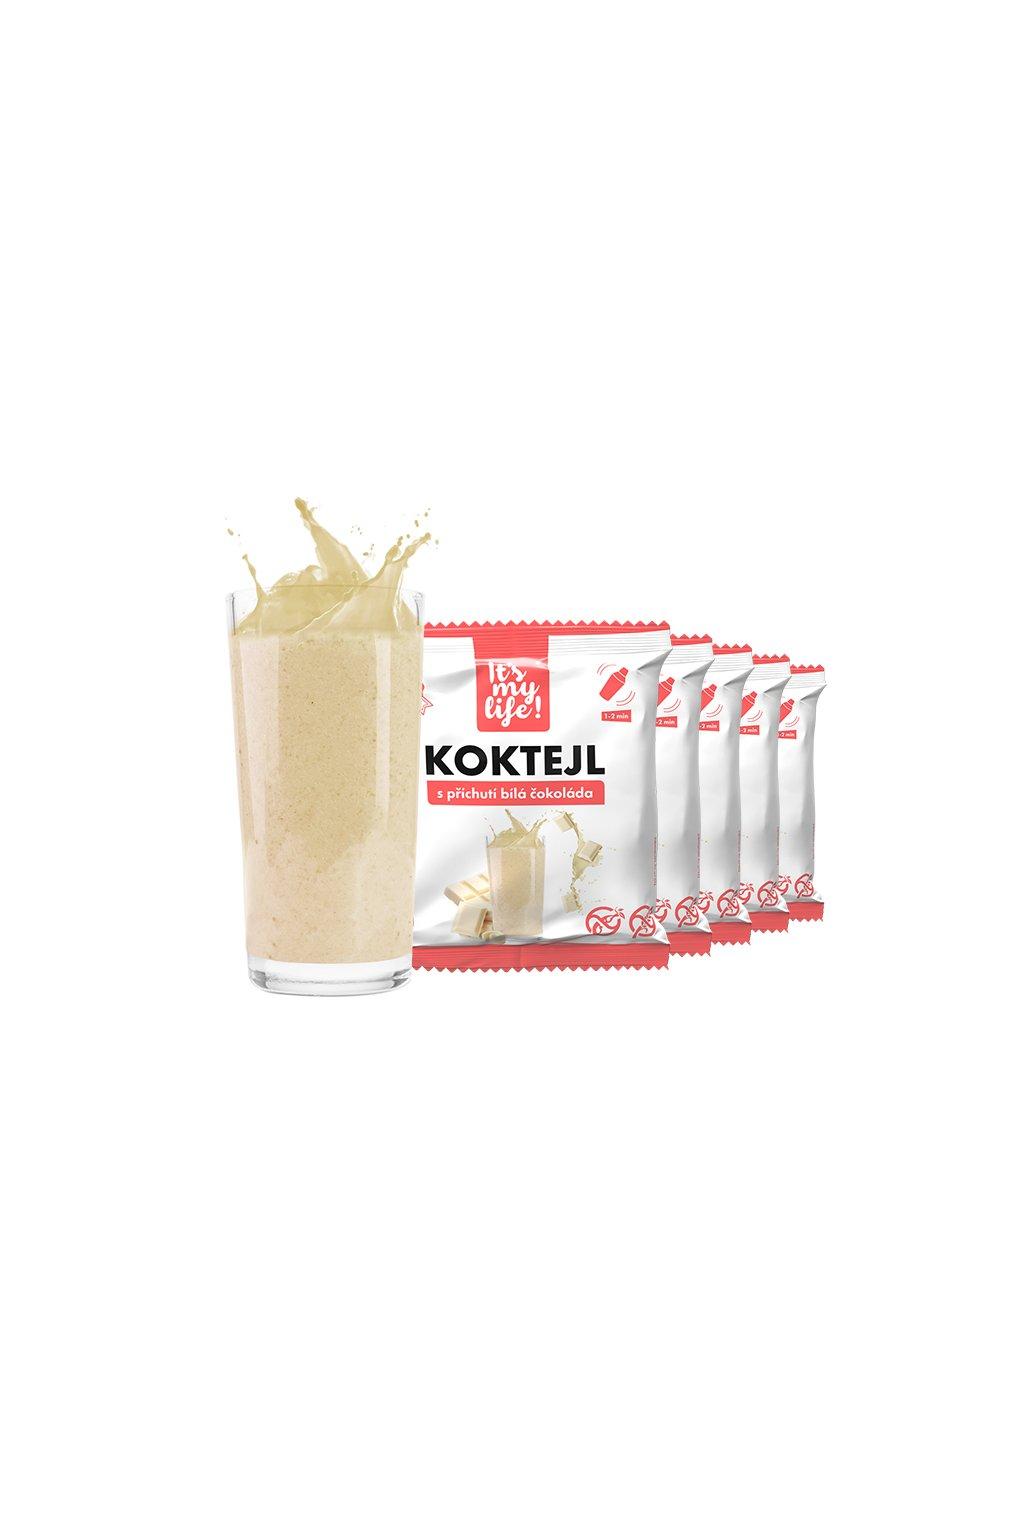 It's my life! Proteinový koktejl bílá čokoláda 200g (5 porcí)